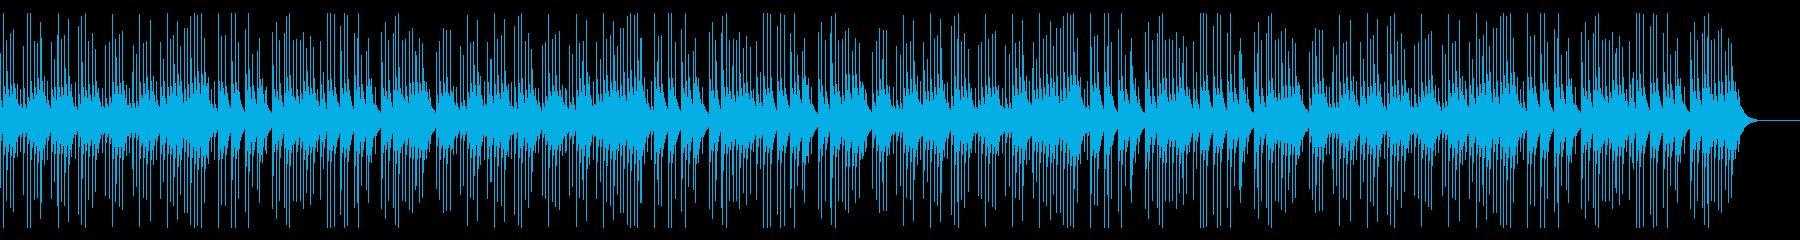 ジングルベル オルゴールの再生済みの波形